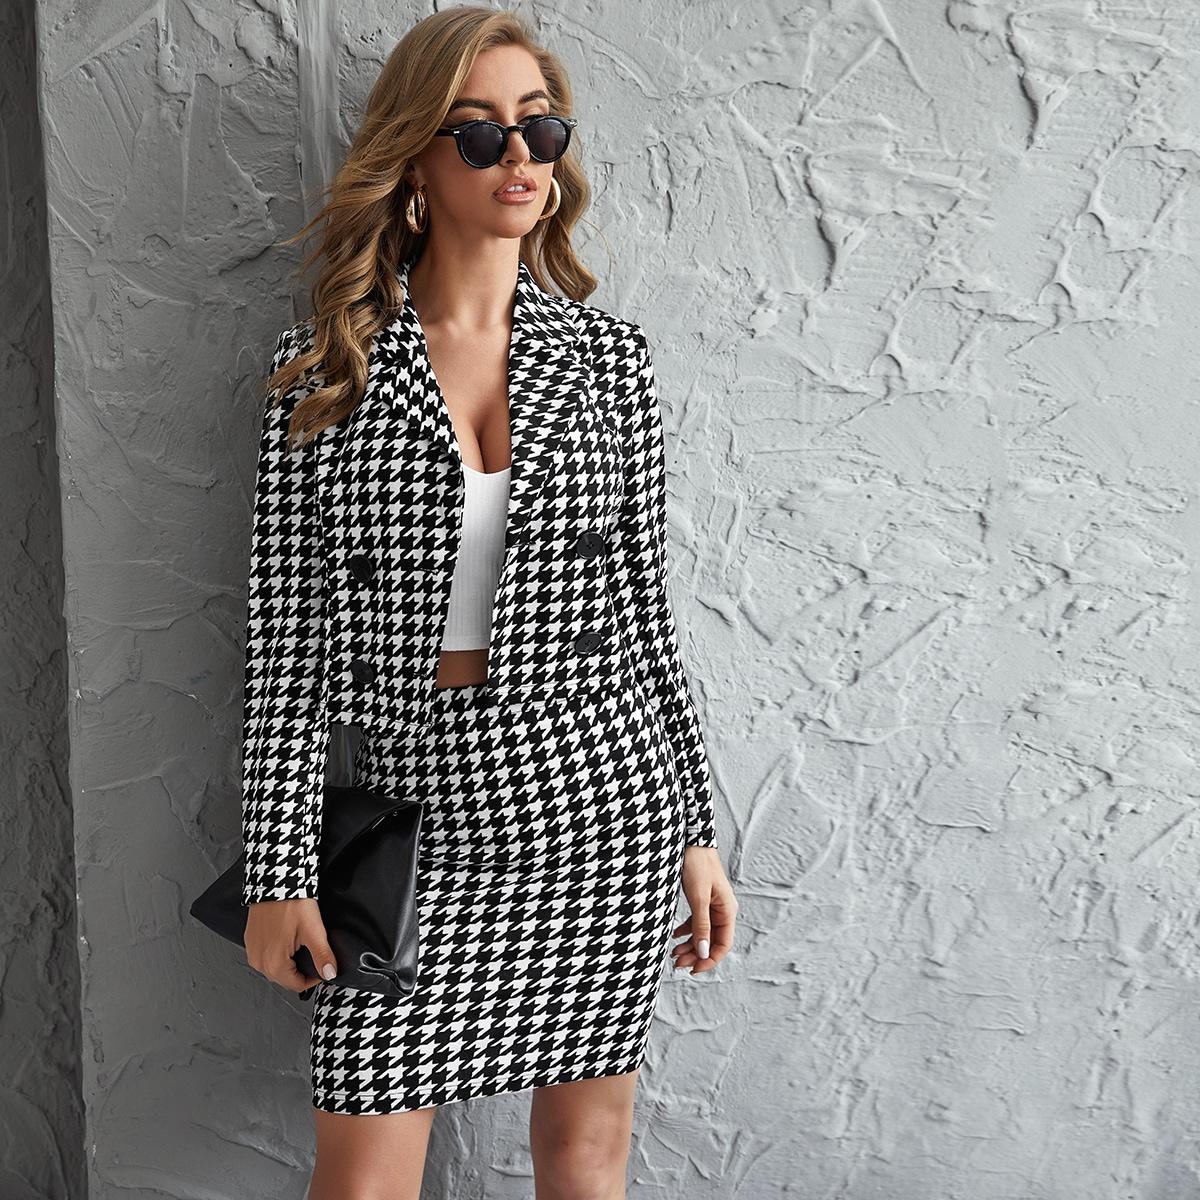 Пиджак с пуговицами и юбка с узором хаундстута